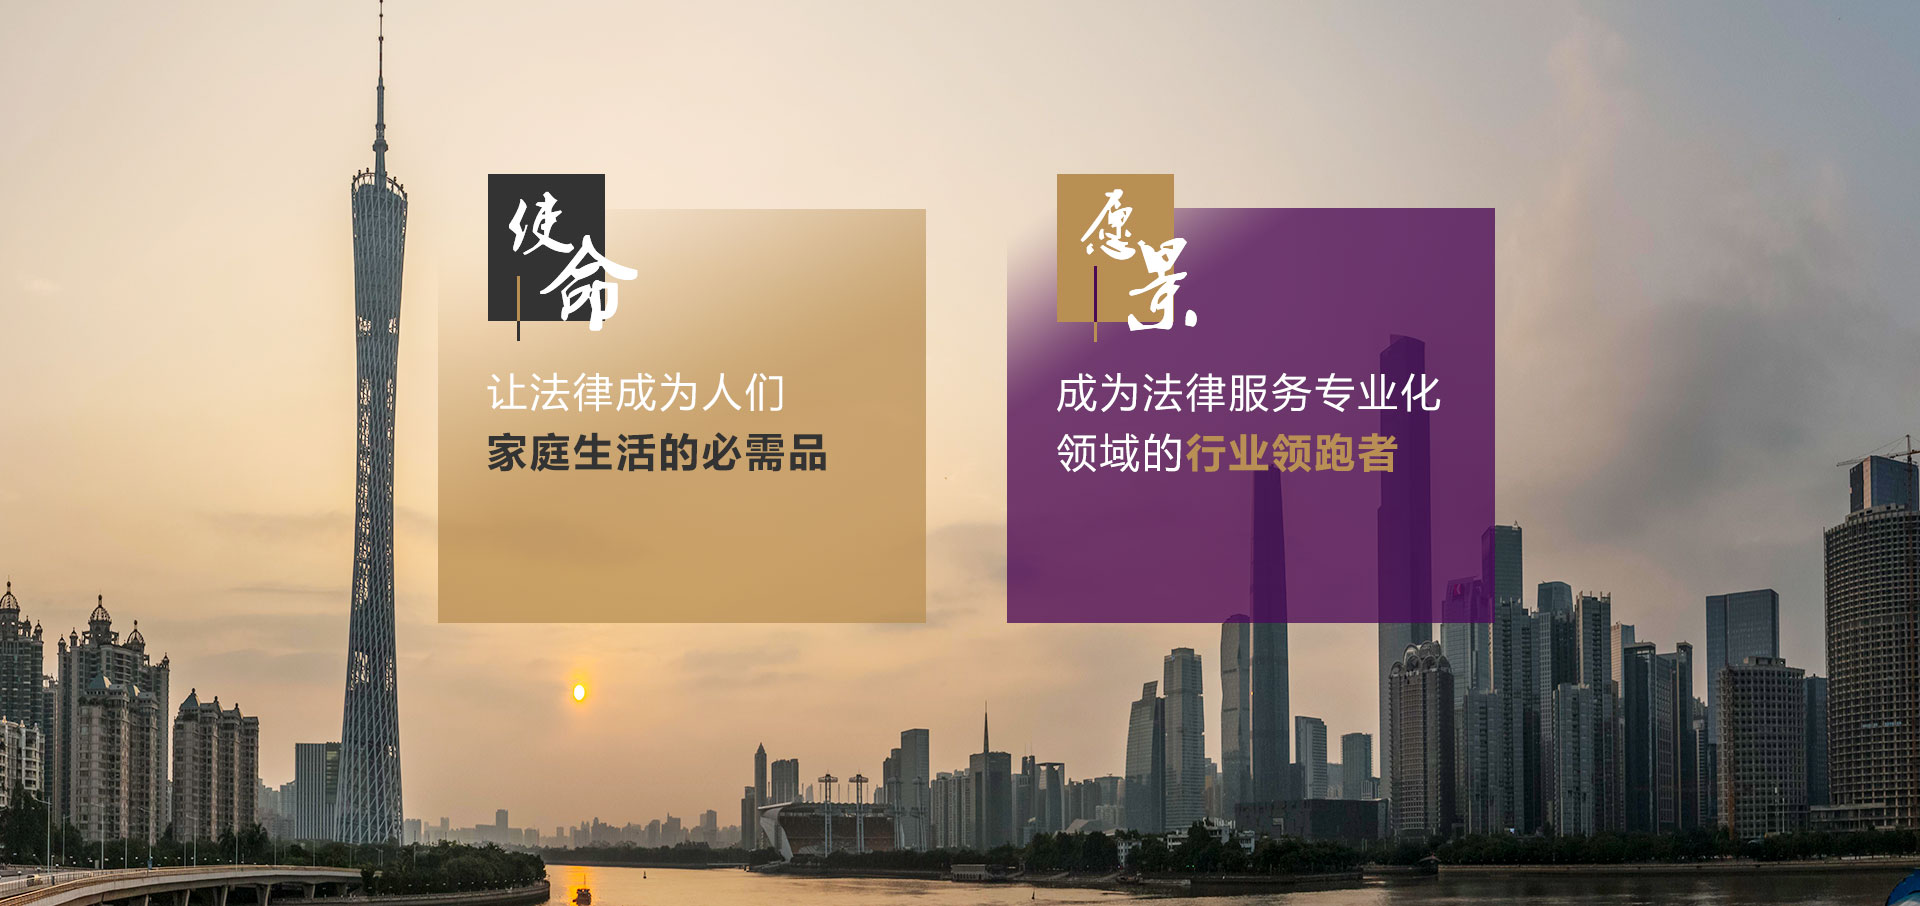 广东五美律师事务所-广州李小非律师团队